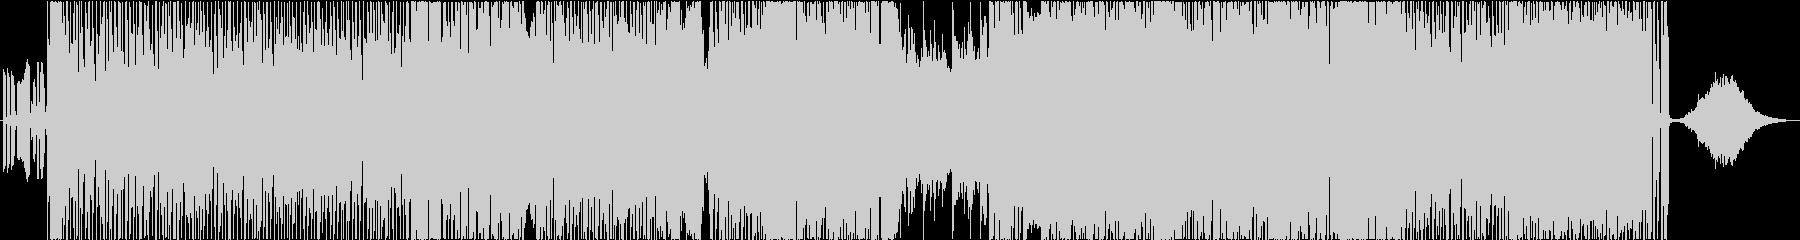 スモーキーな四つ打ちファンクの未再生の波形